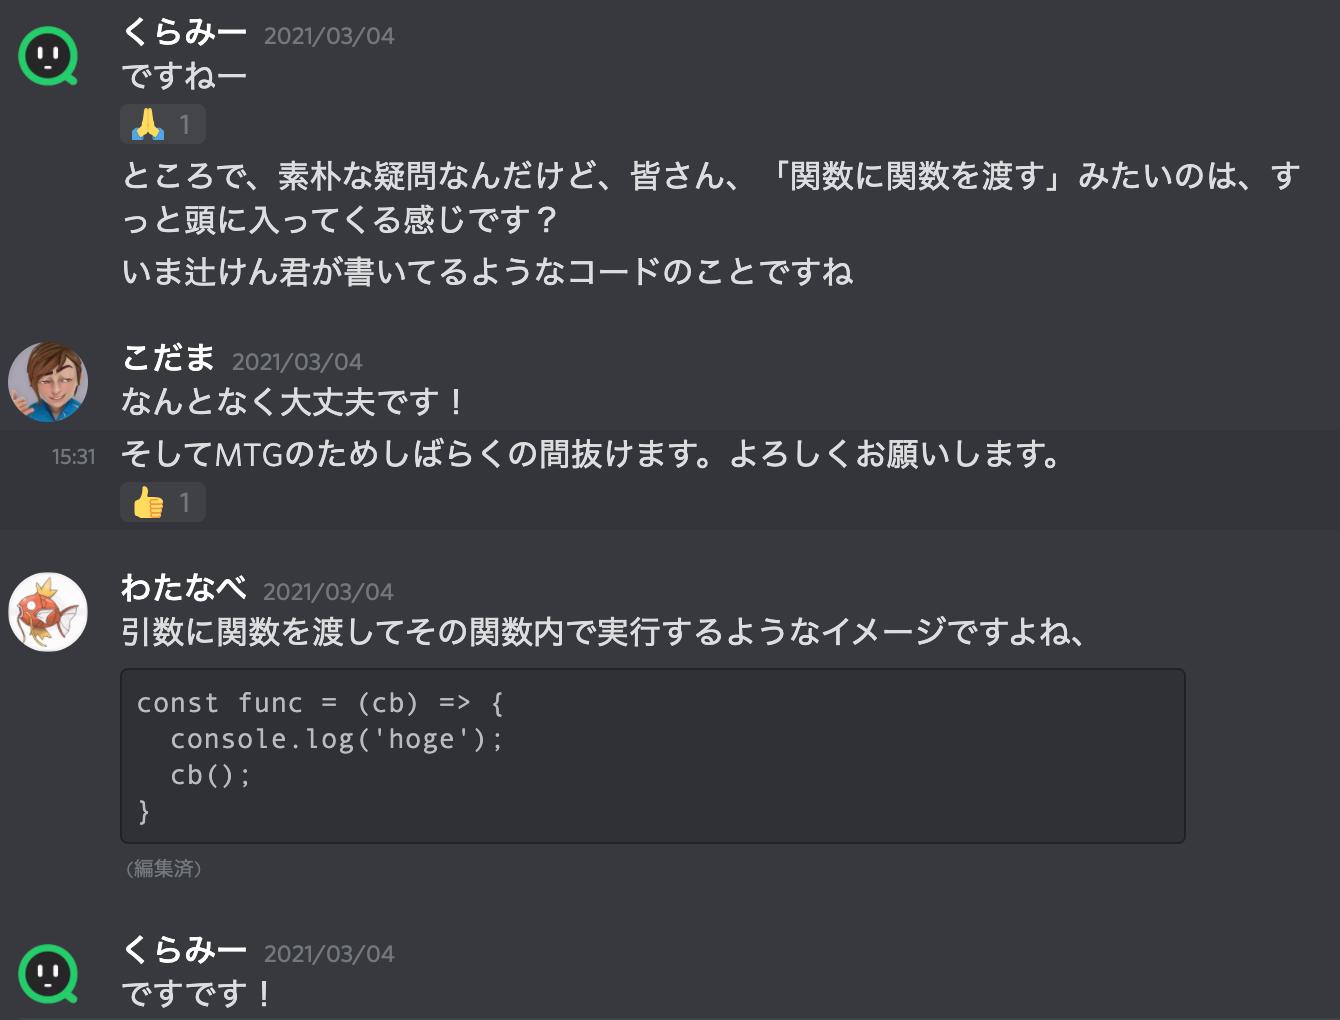 スクリーンショット 2021-03-08 11.37.34.png